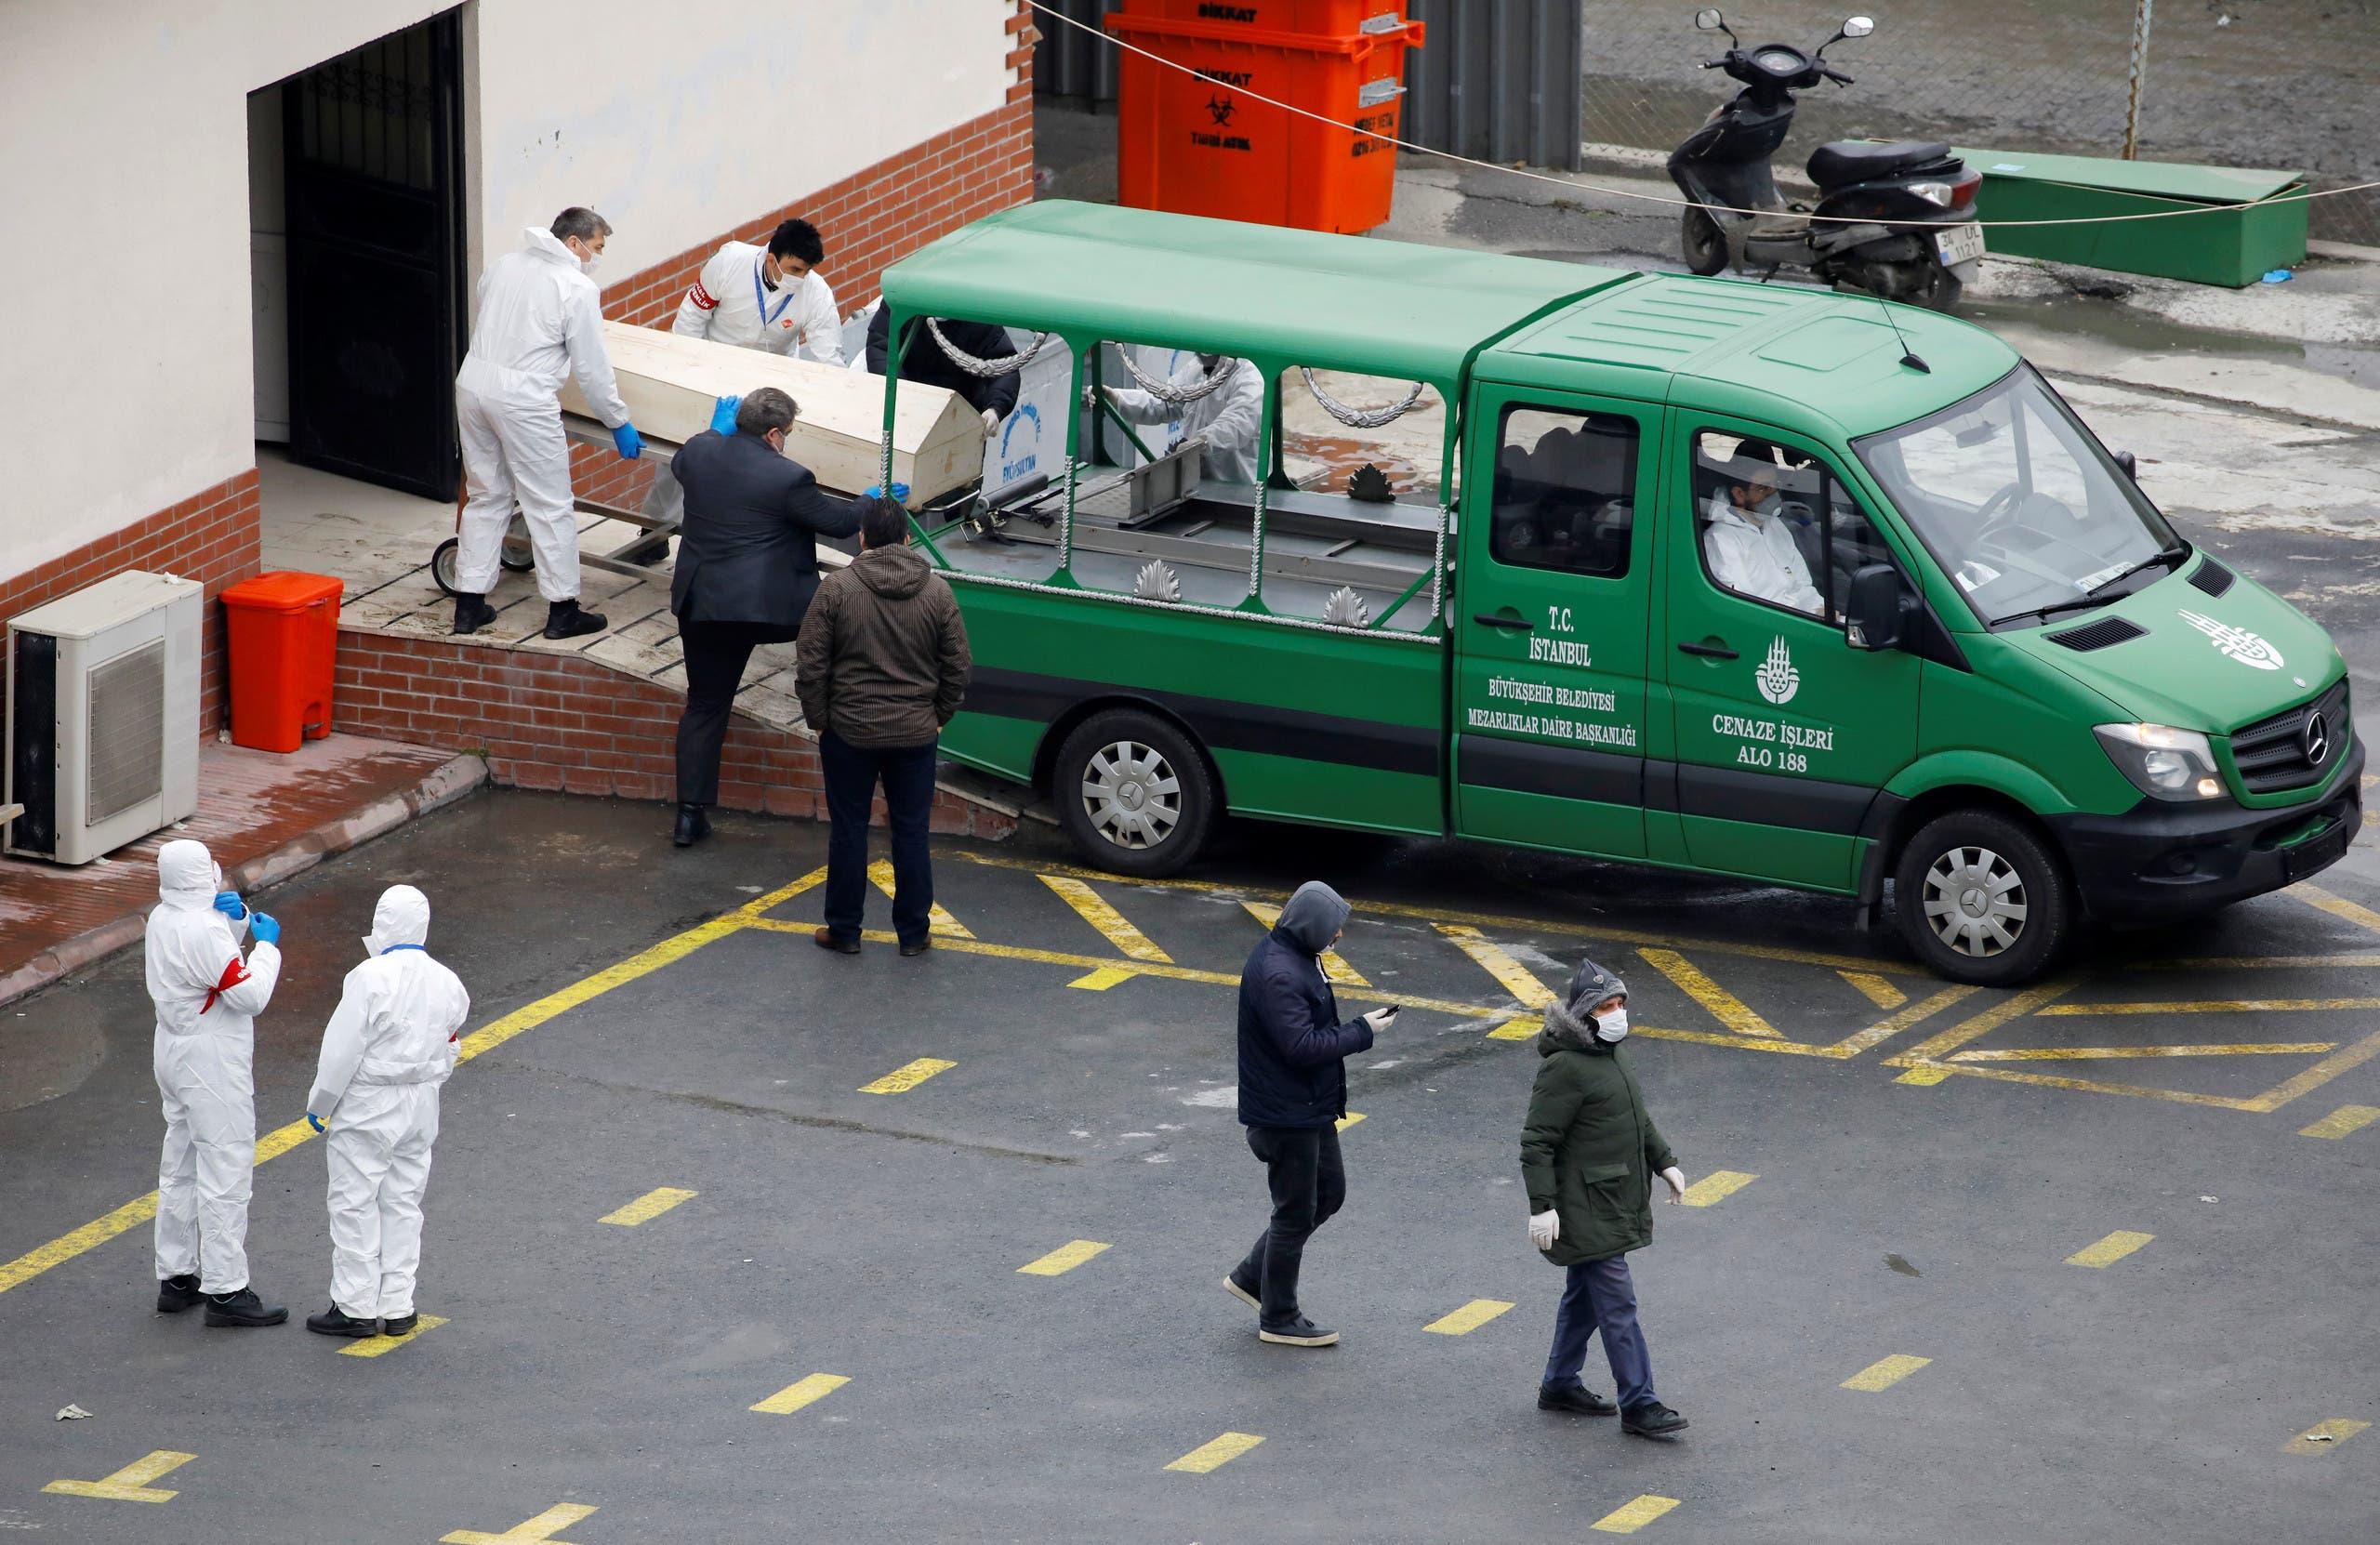 جثمان أحد ضحايا كورونا أثناء نقله في إسطنبول يوم 31 مارس